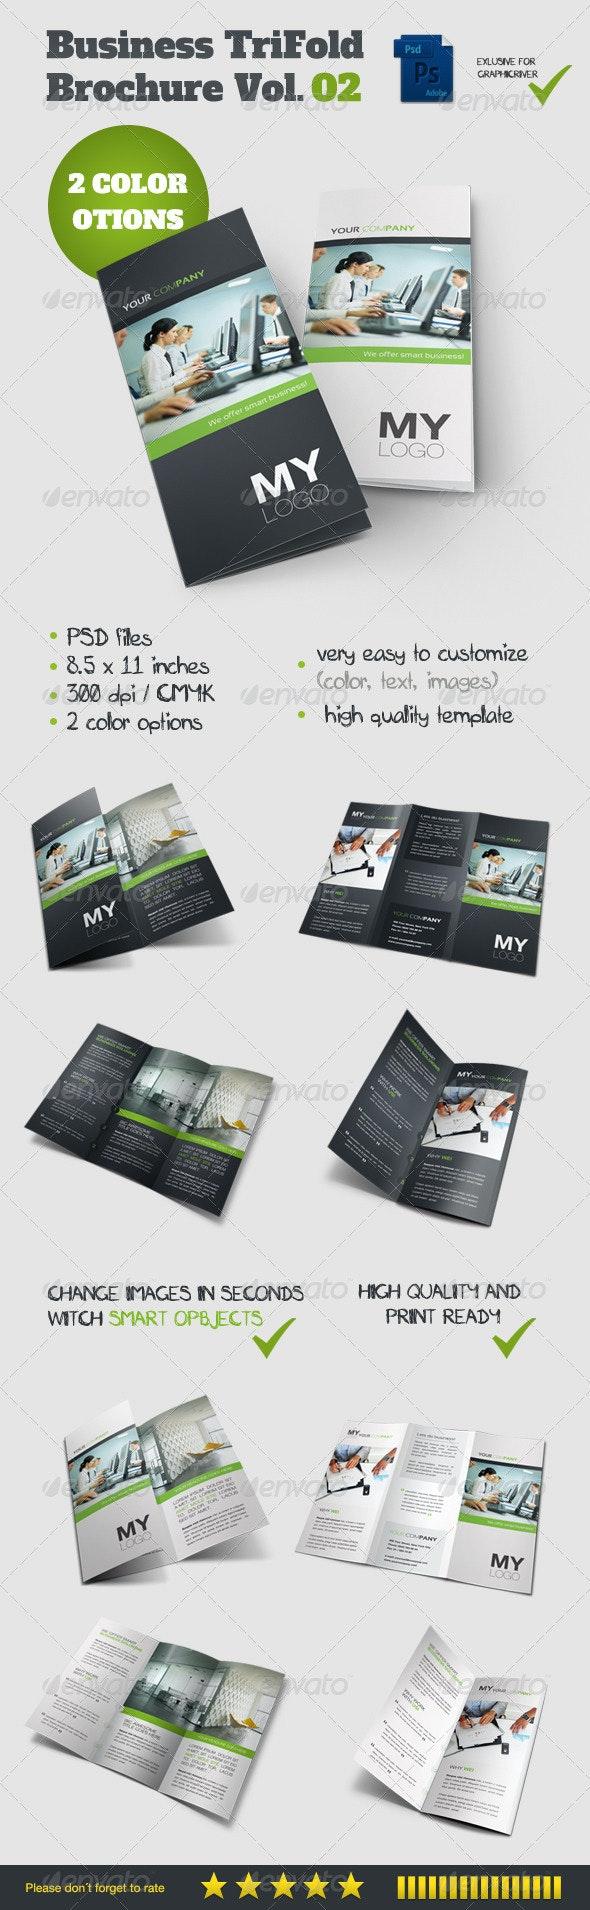 Tri Fold Brochure Vol. 02 - Brochures Print Templates